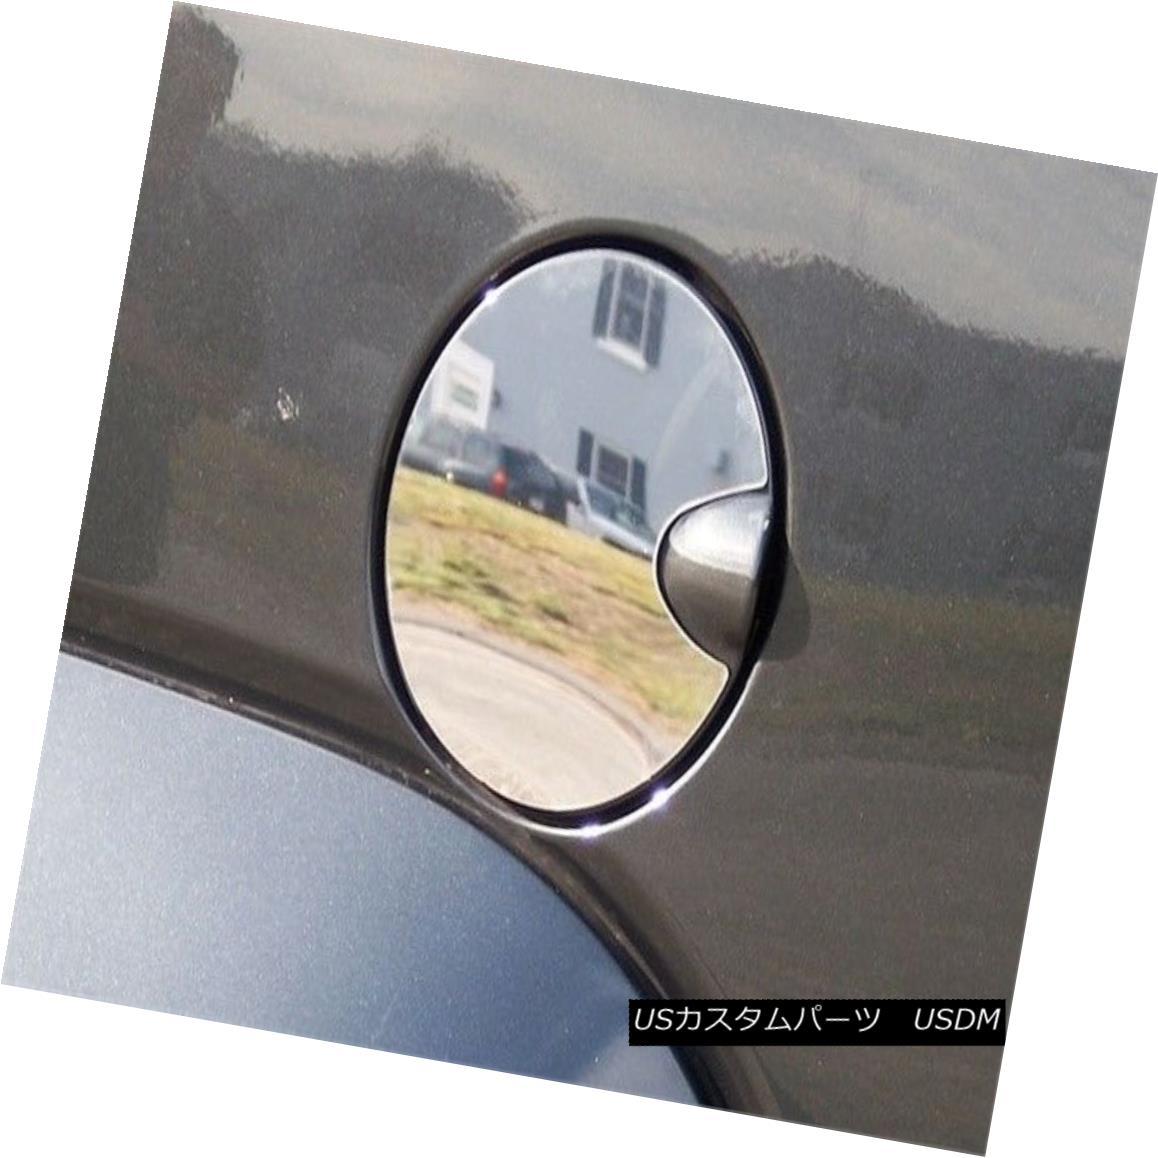 グリル Fits 2008-2012 JEEP LIBERTY 4-door, SUV -Stainless Steel GAS CAP DOOR フィット2008-2012ジープリバティー4ドア、SUV - ステンレススチールガスCAP DOOR